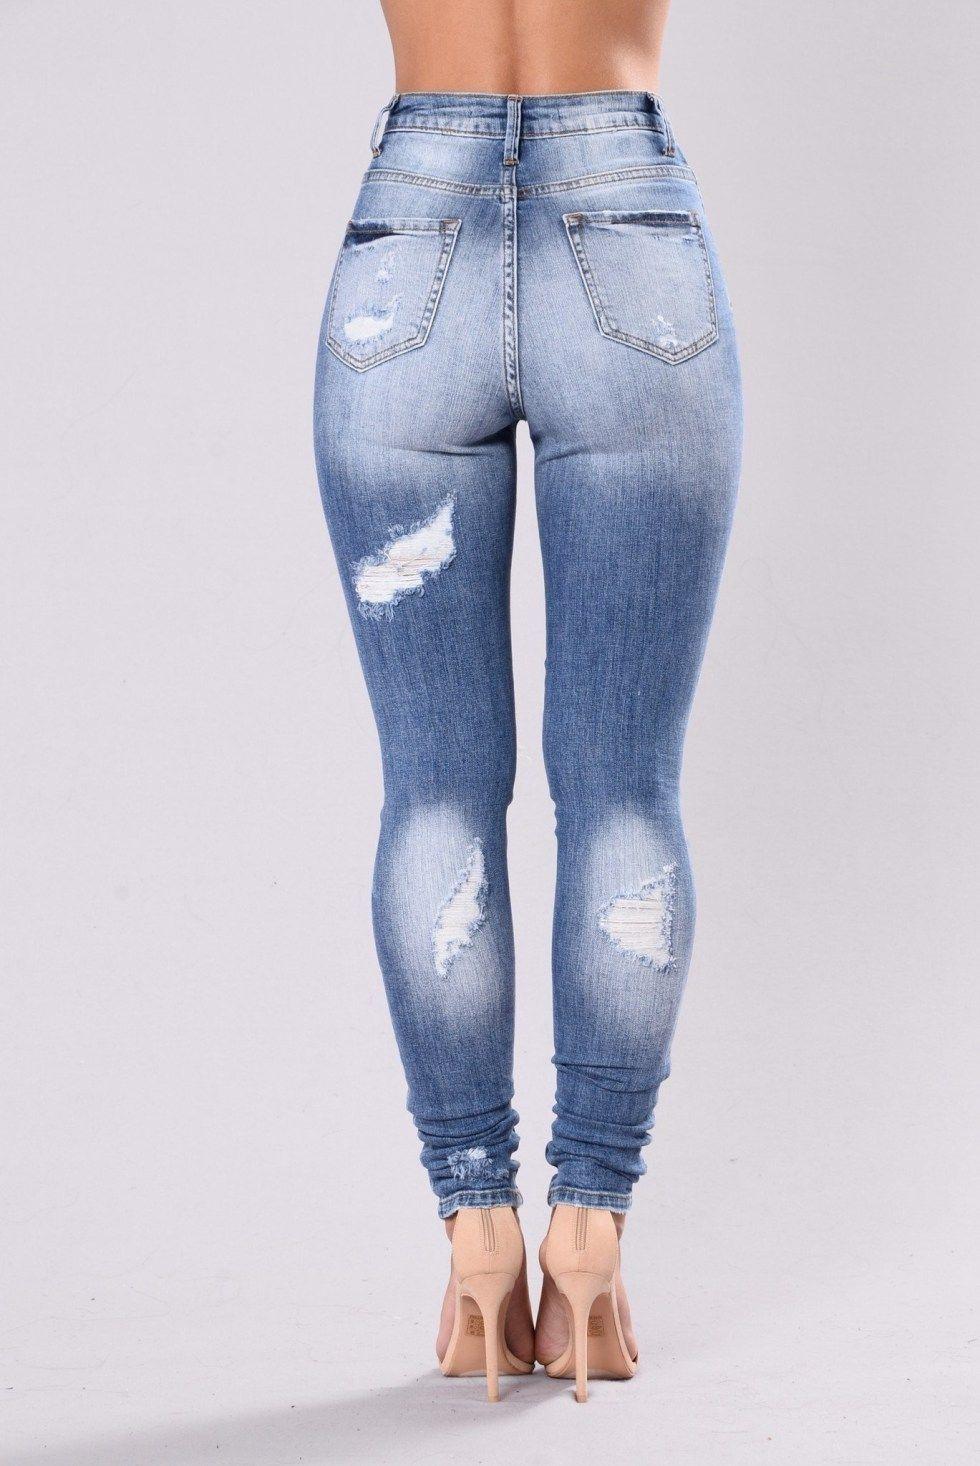 827c430ff4f Pantalones Jeans Levanta Cola Nuevo Estilo 2018